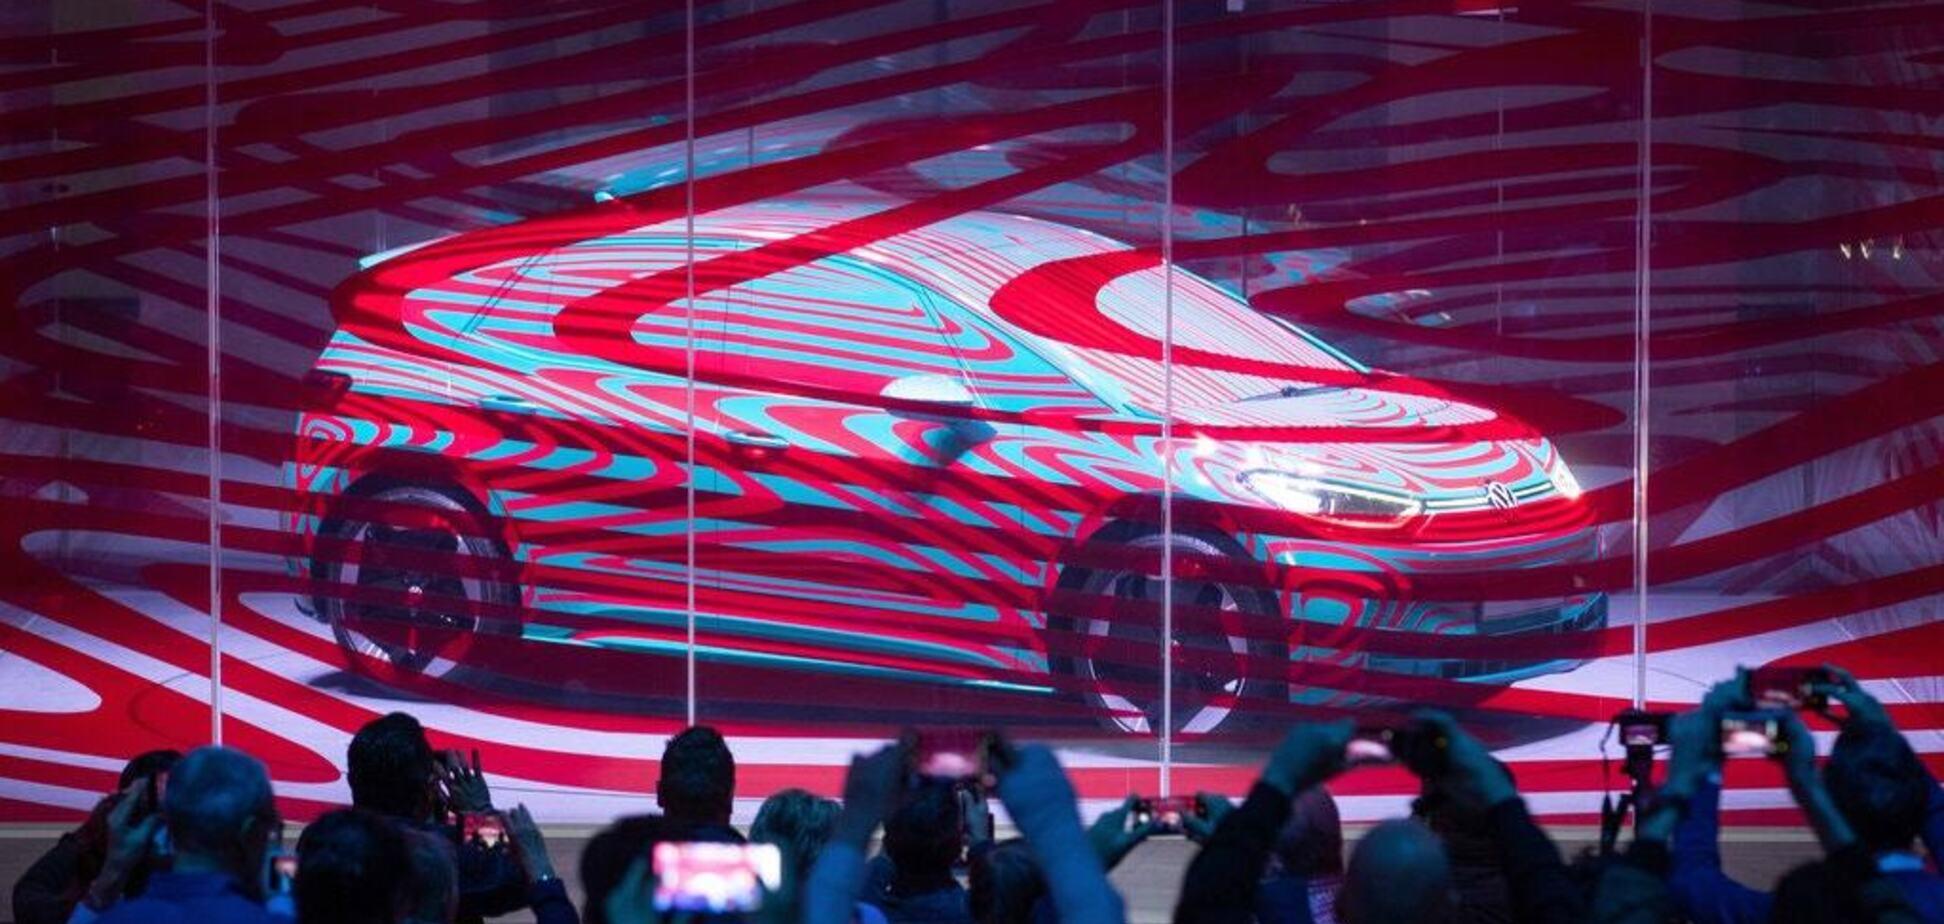 'Грядет экспансия!' Volkswagen снизила цену аккумуляторов до важной психологической отметки